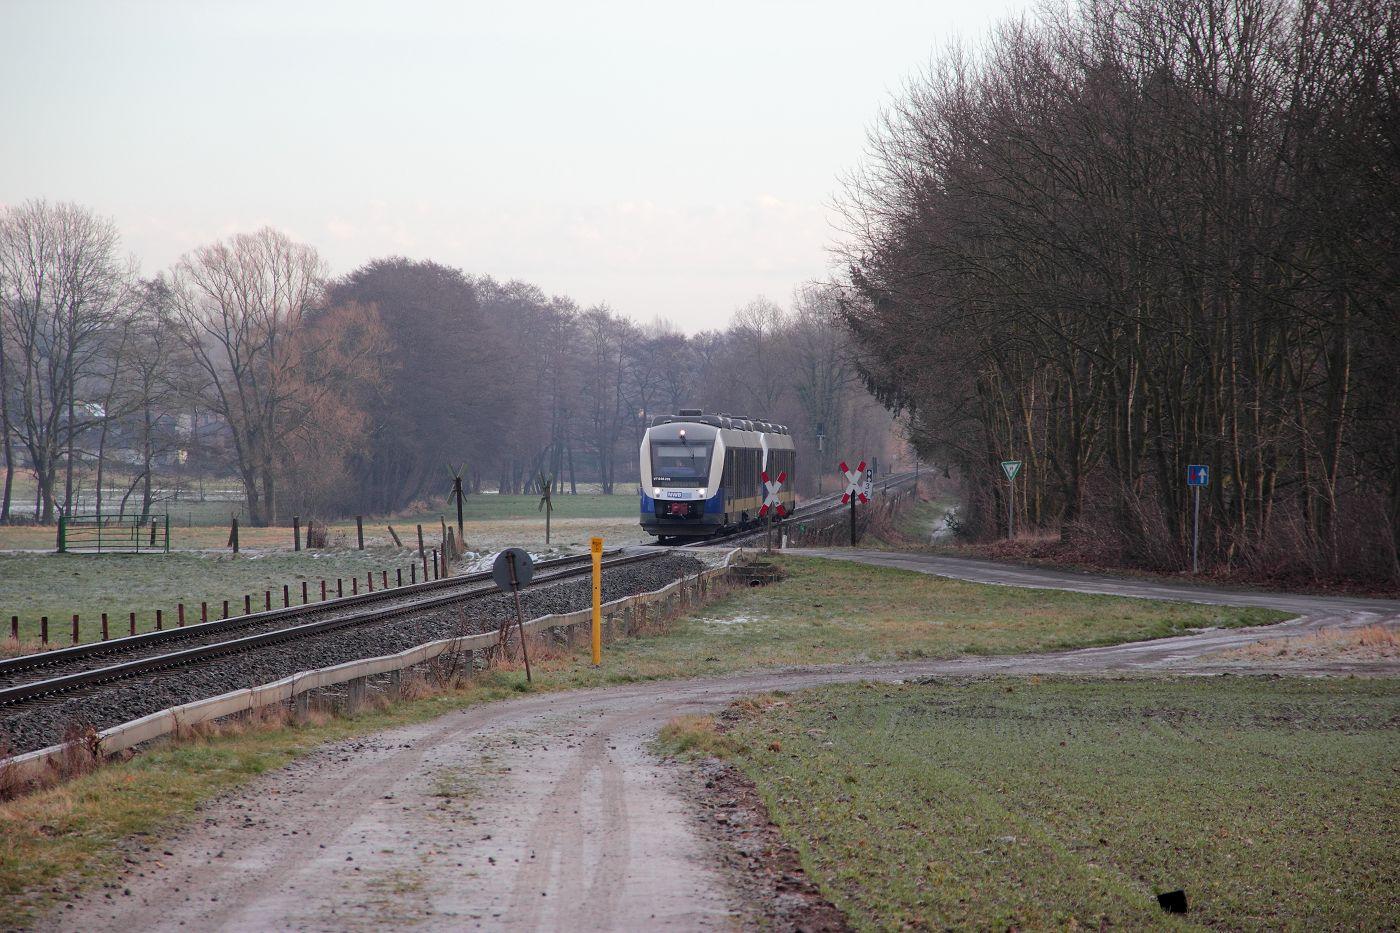 http://www.nachtbahner.de/Fotos/2014-02-05%20KBS394%20Hasenbahn%20in%20Delmenhorst/k-IMG_0819%20KBS394%20Hasenbahn%20in%20Delmenhorst%2005.02.14%20(3).JPG